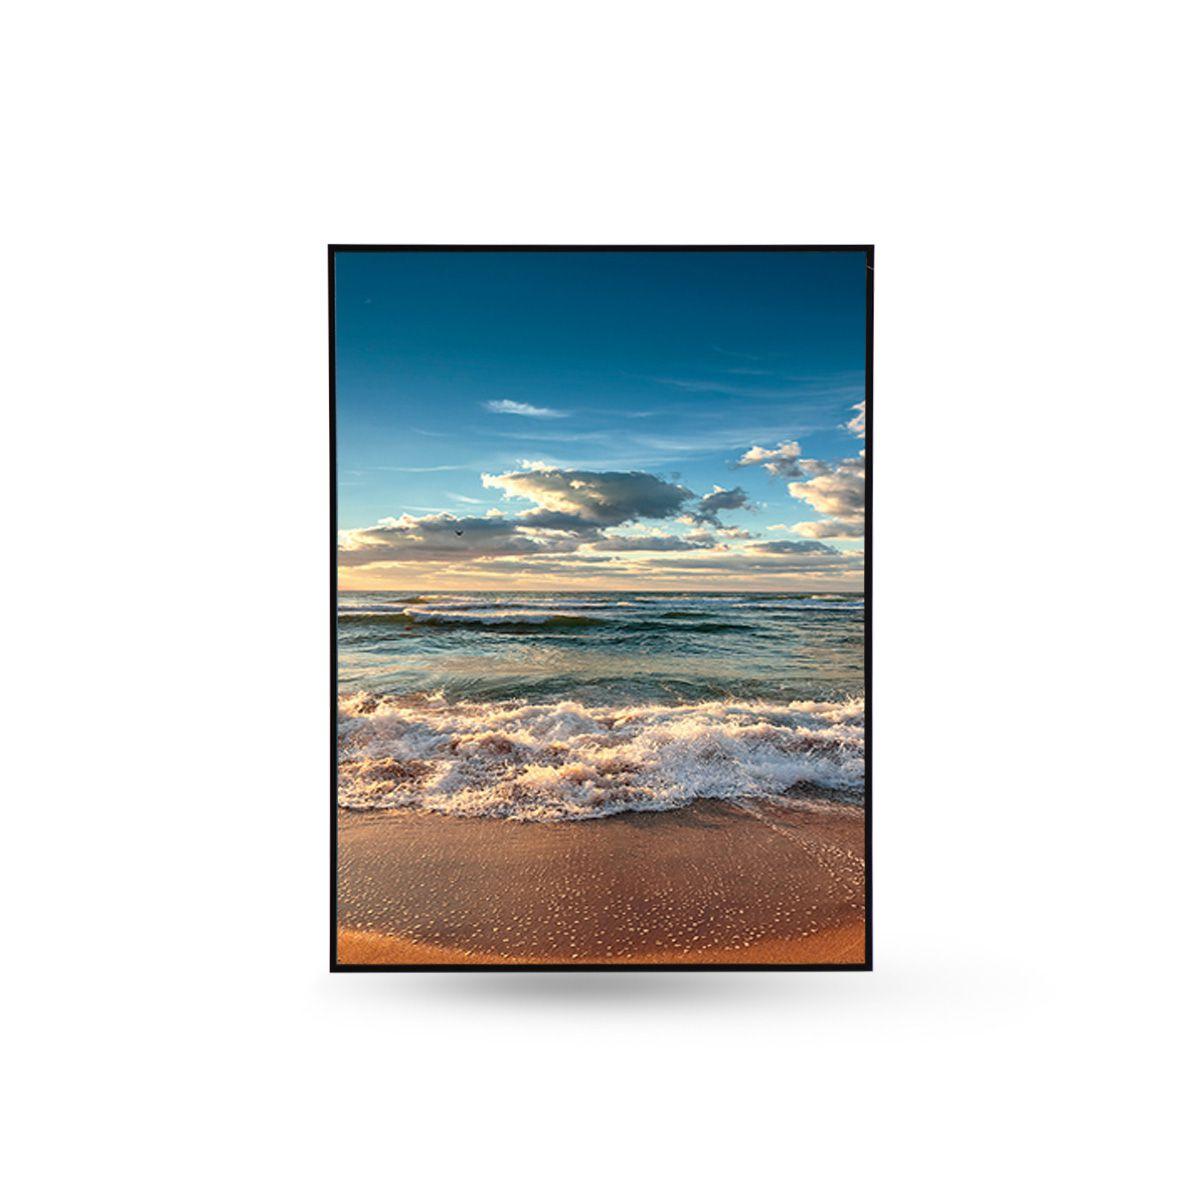 Quadro Decor Coleção Sol e Praia C